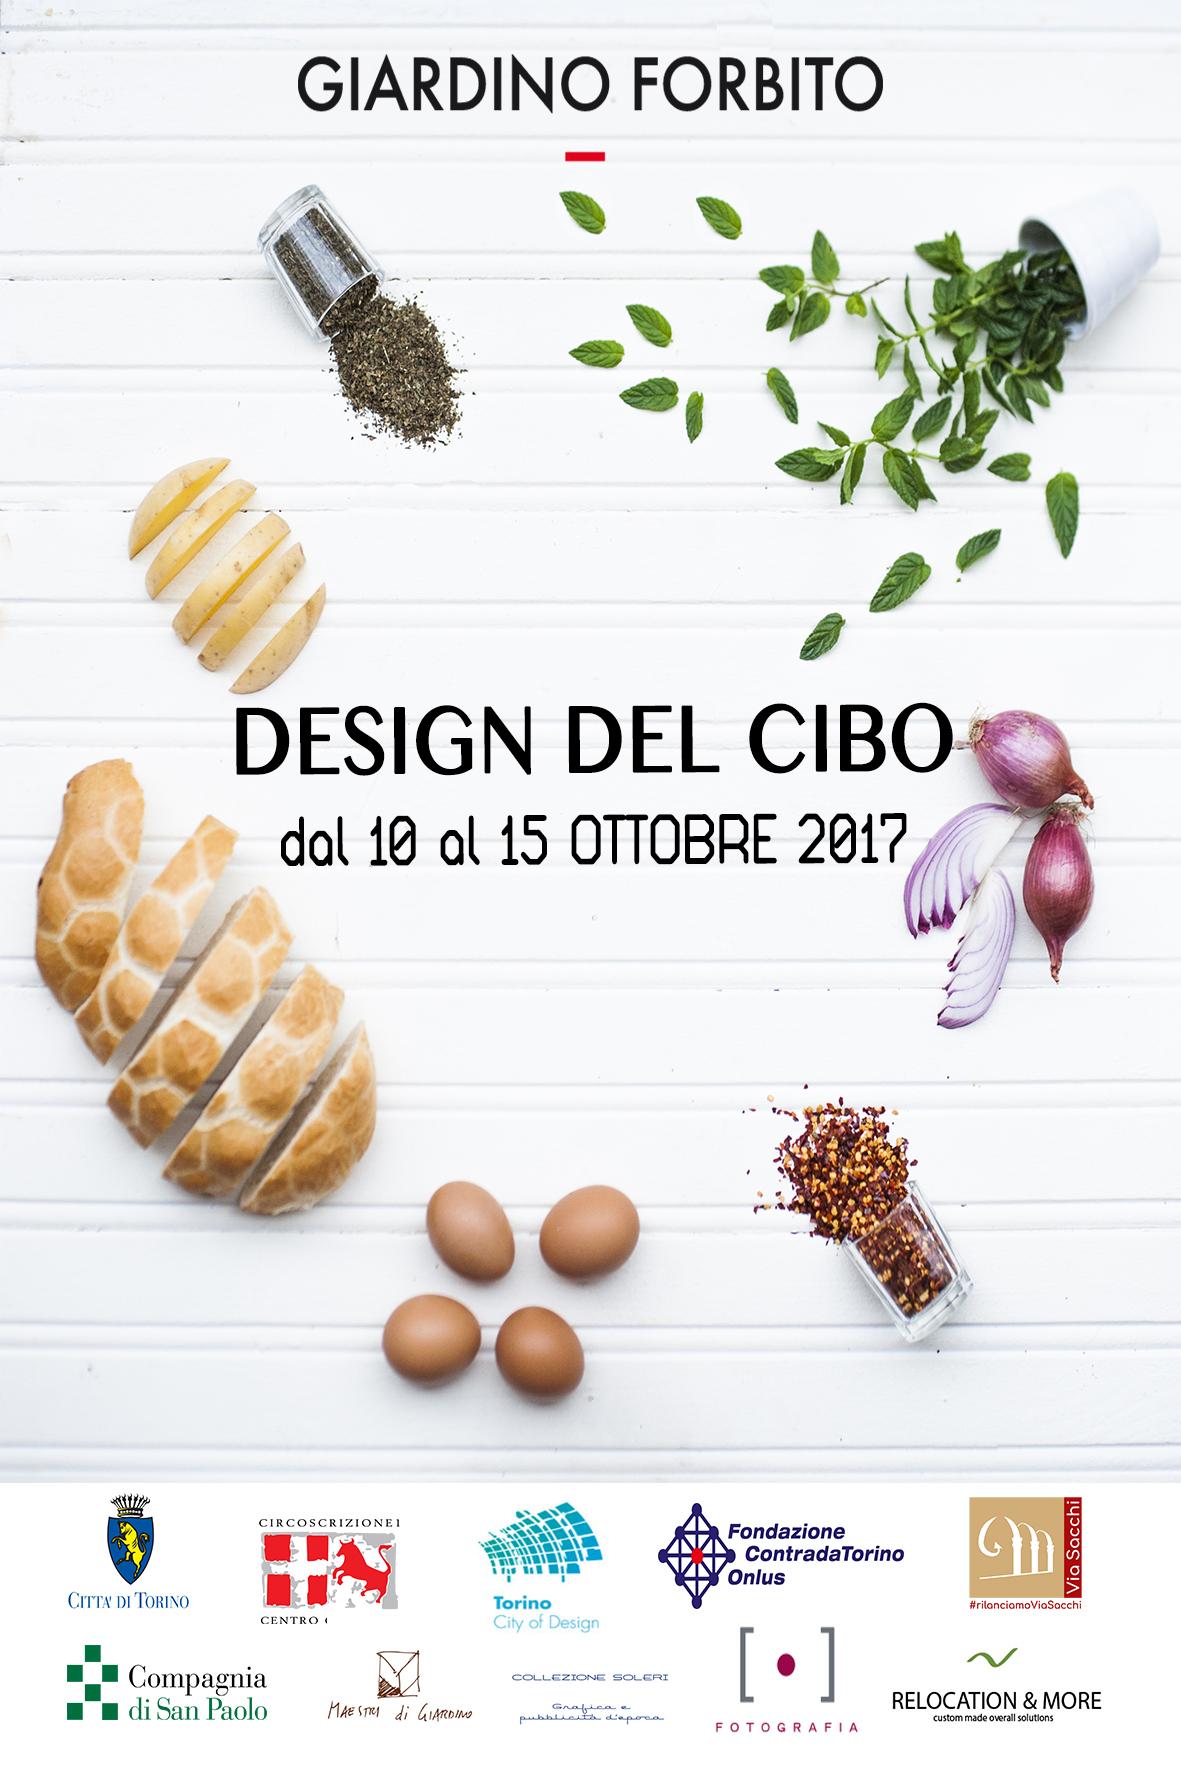 DESIGN DEL CIBO